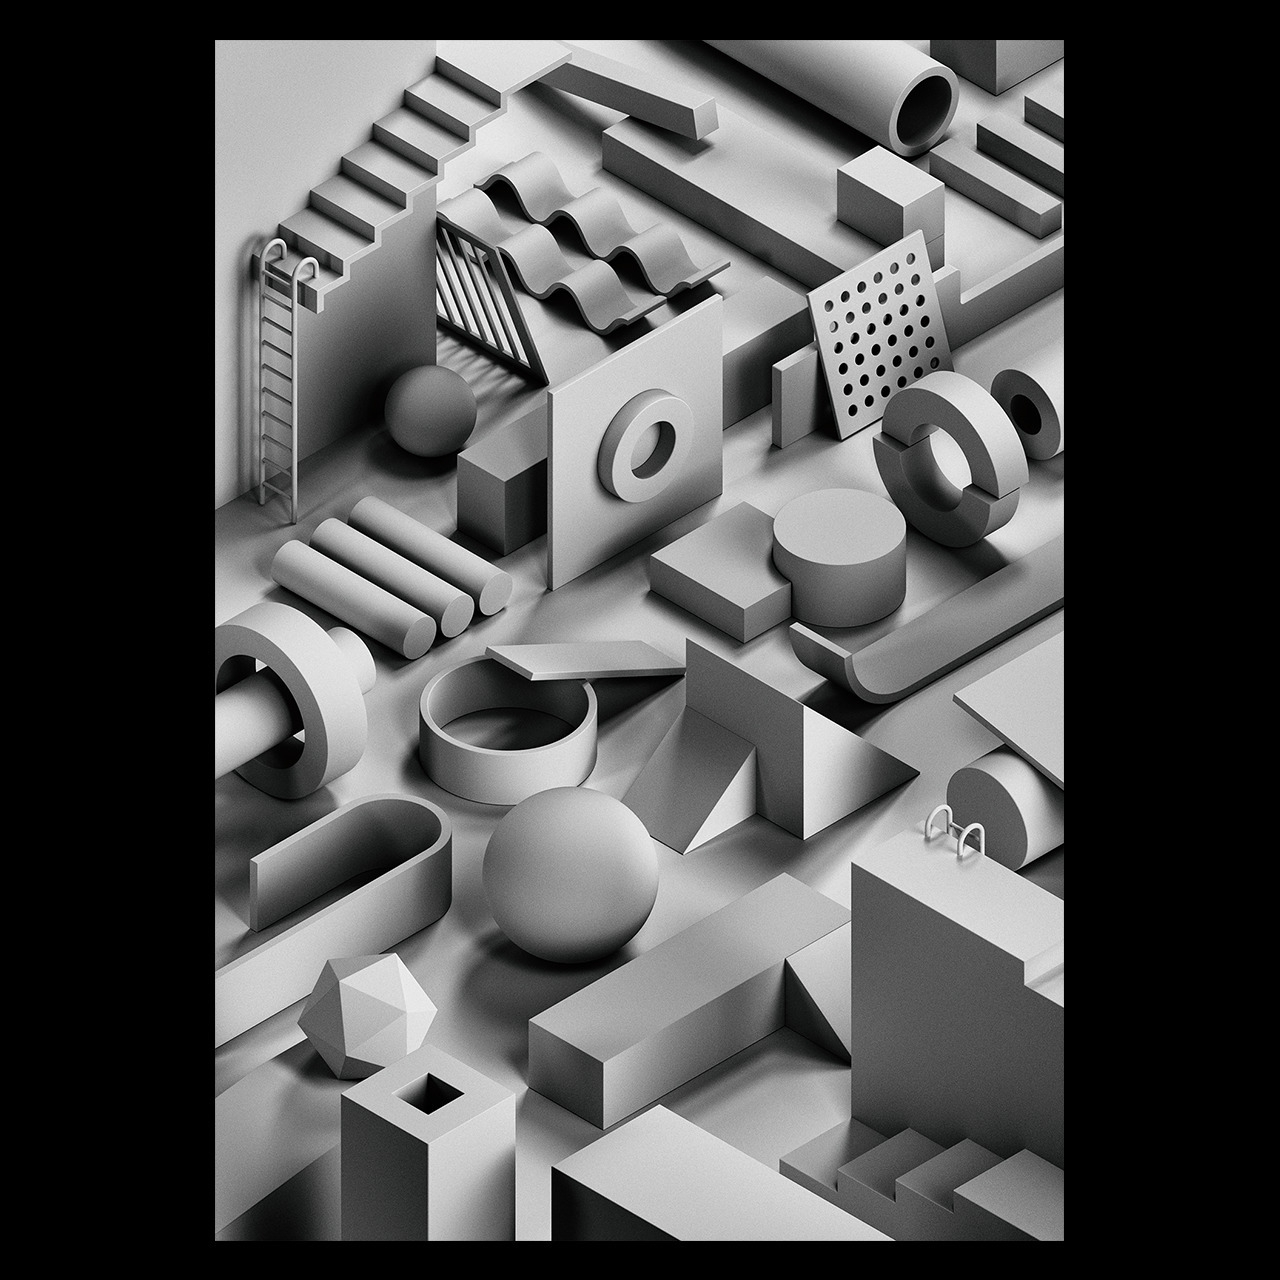 Noir - 3d, illustration, isometric - serafimmendes | ello